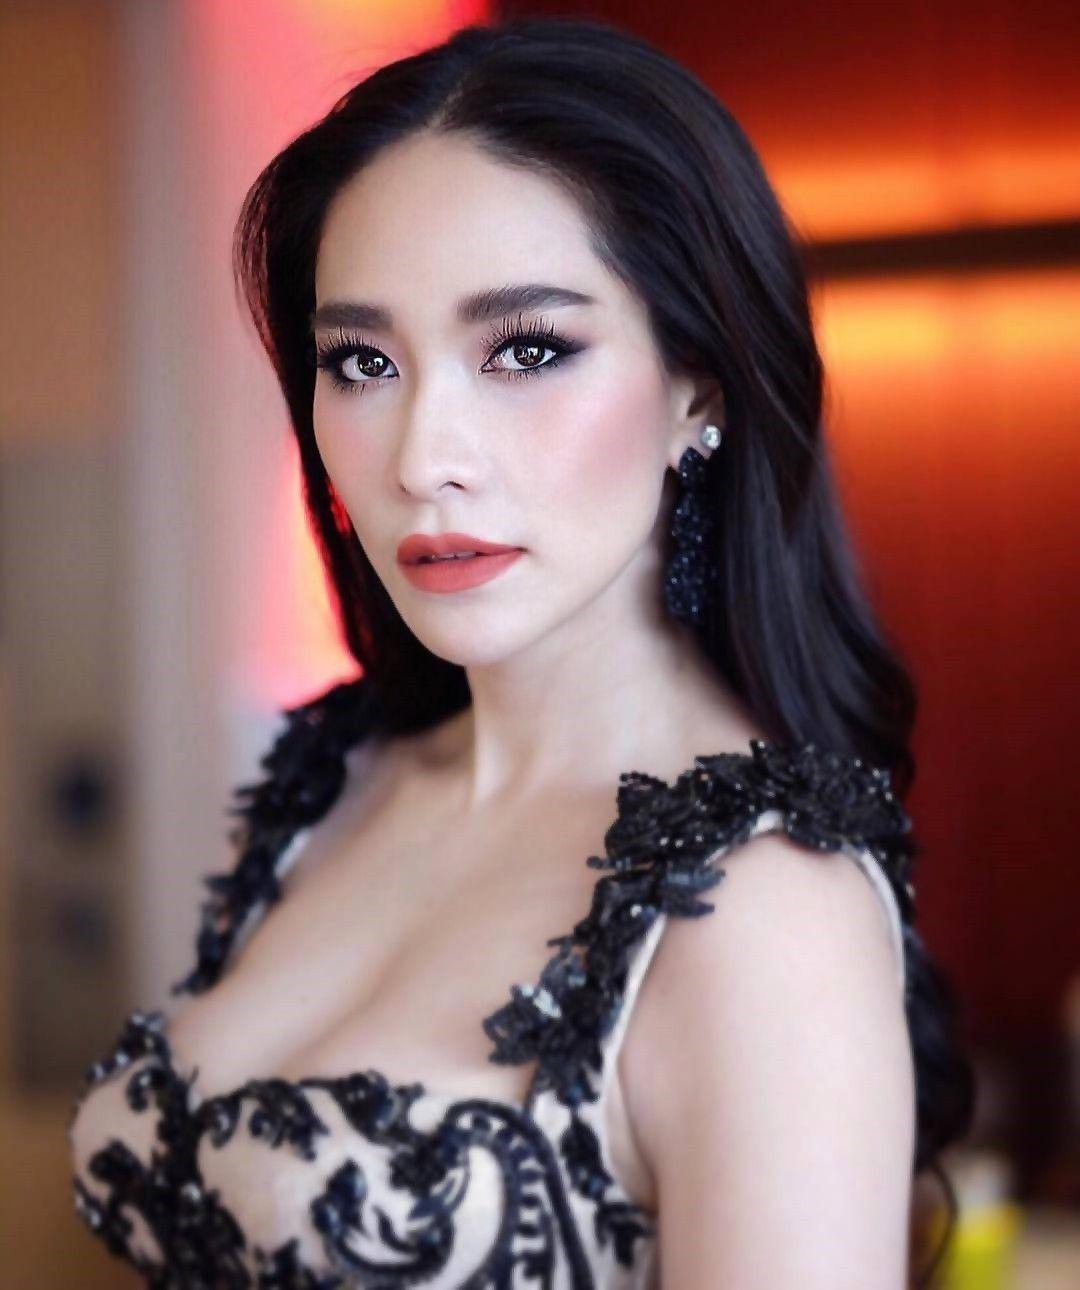 Top sao nữ đình đám Thái Lan có mũi đẹp nhất khiến chị em ghen tị (9)